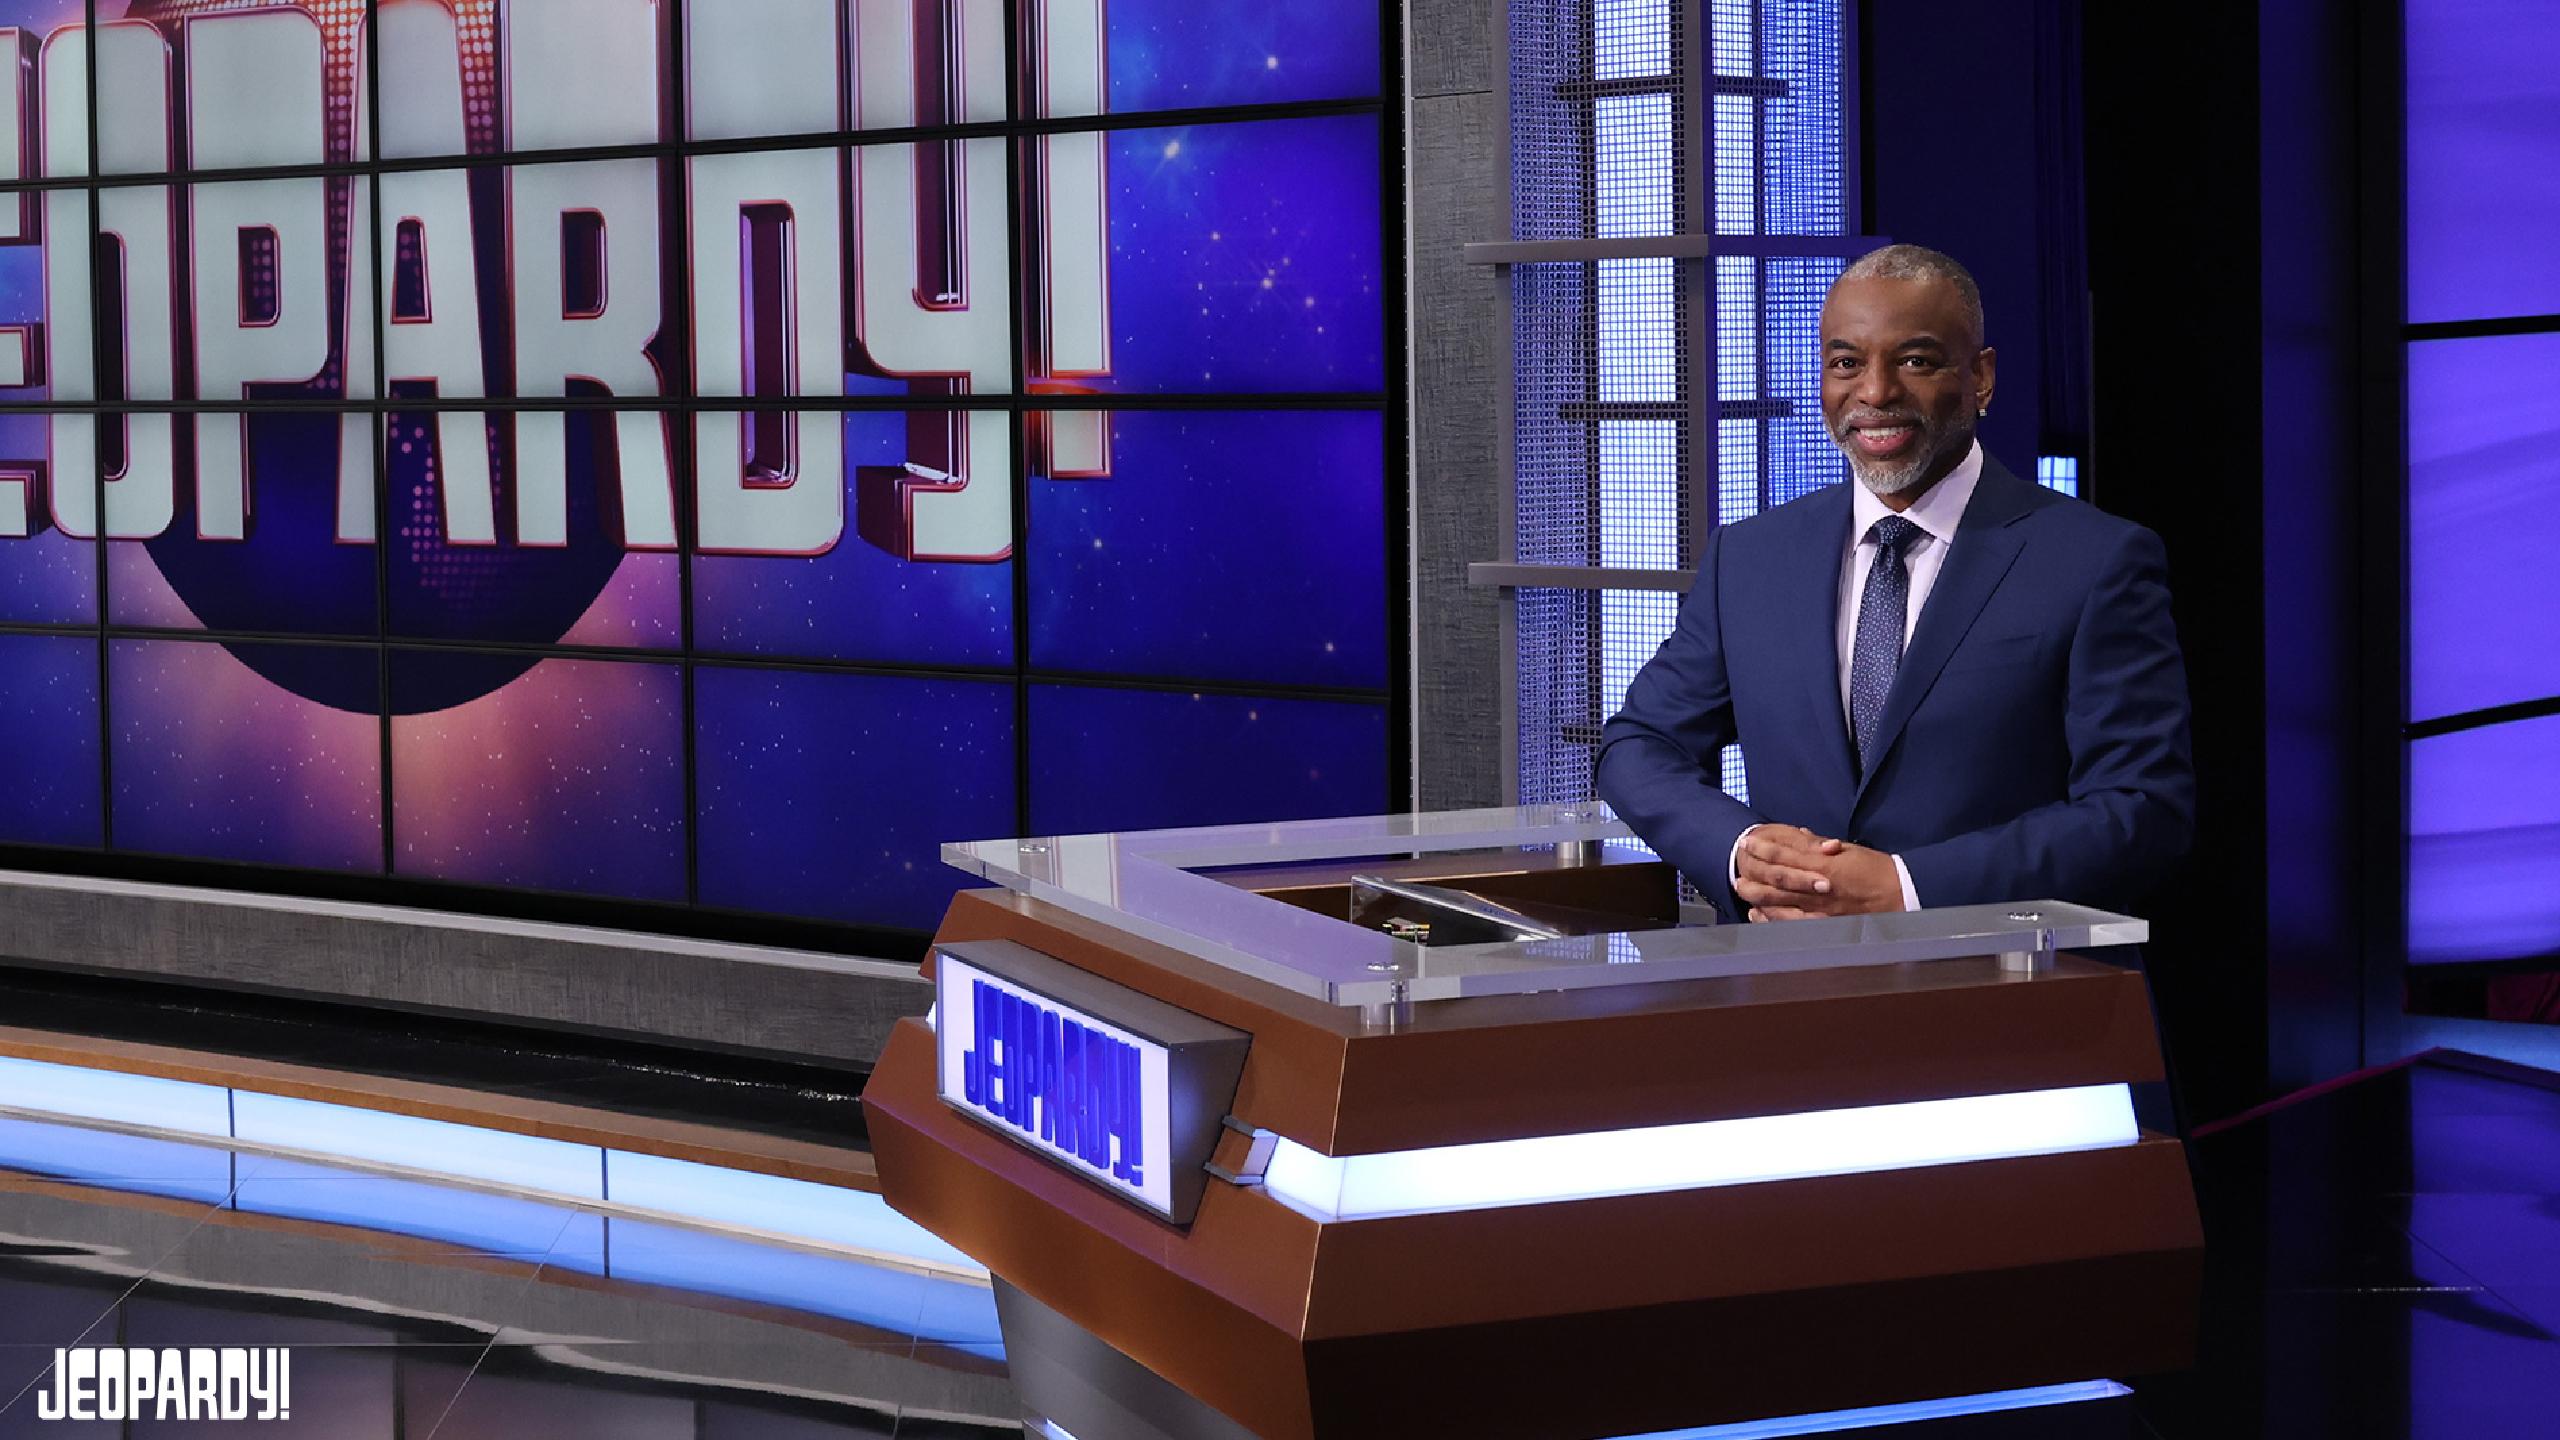 Levar Begins Hosting Jeopardy